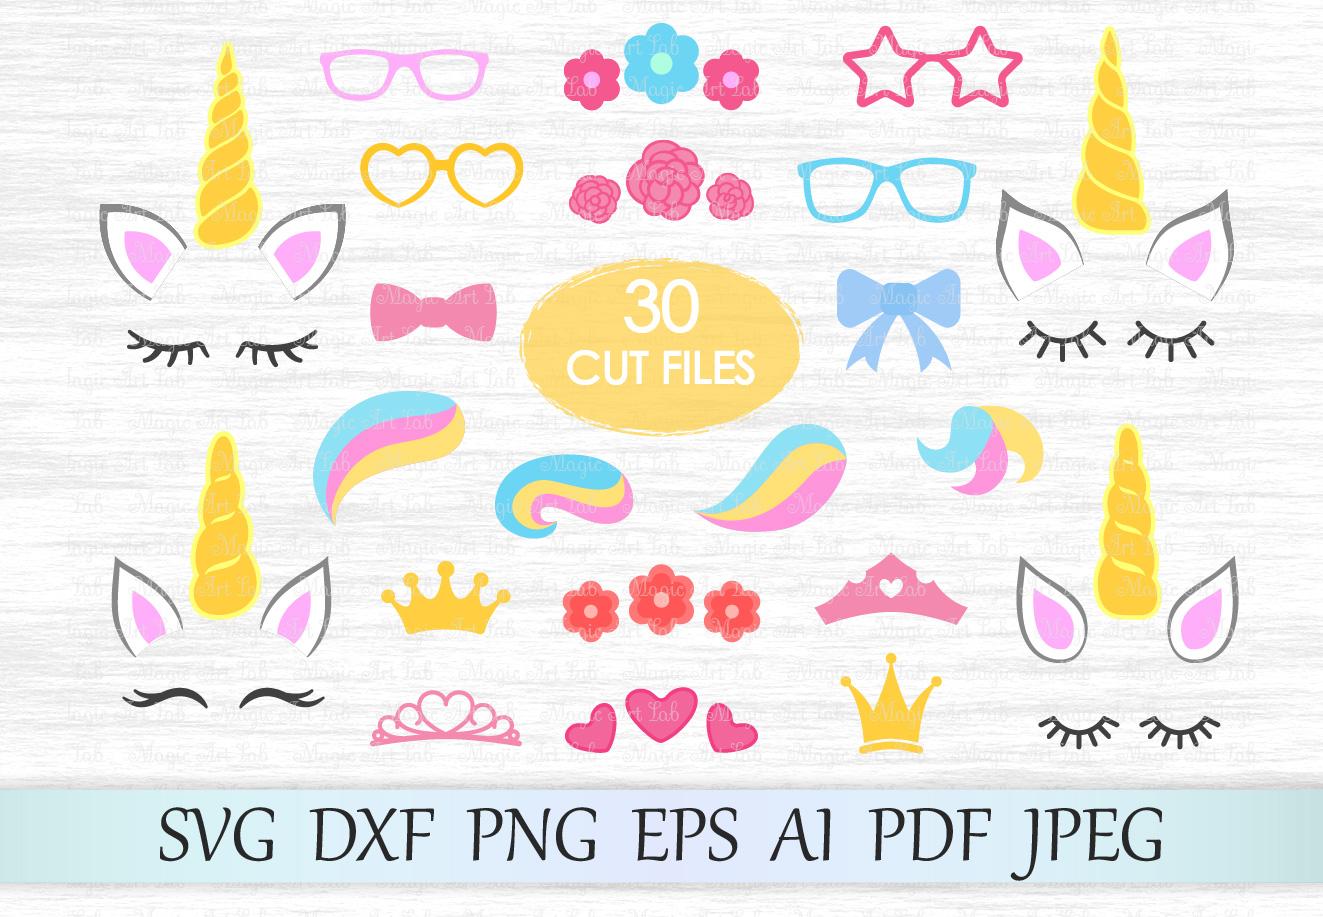 Unicorn svg, Unicorn bundle, Unicorn clipart, Unicorn eyelashes, Unicorn horn svg, Crown svg, Flower clipart, Unicorn hairstyle, Constructor example image 1